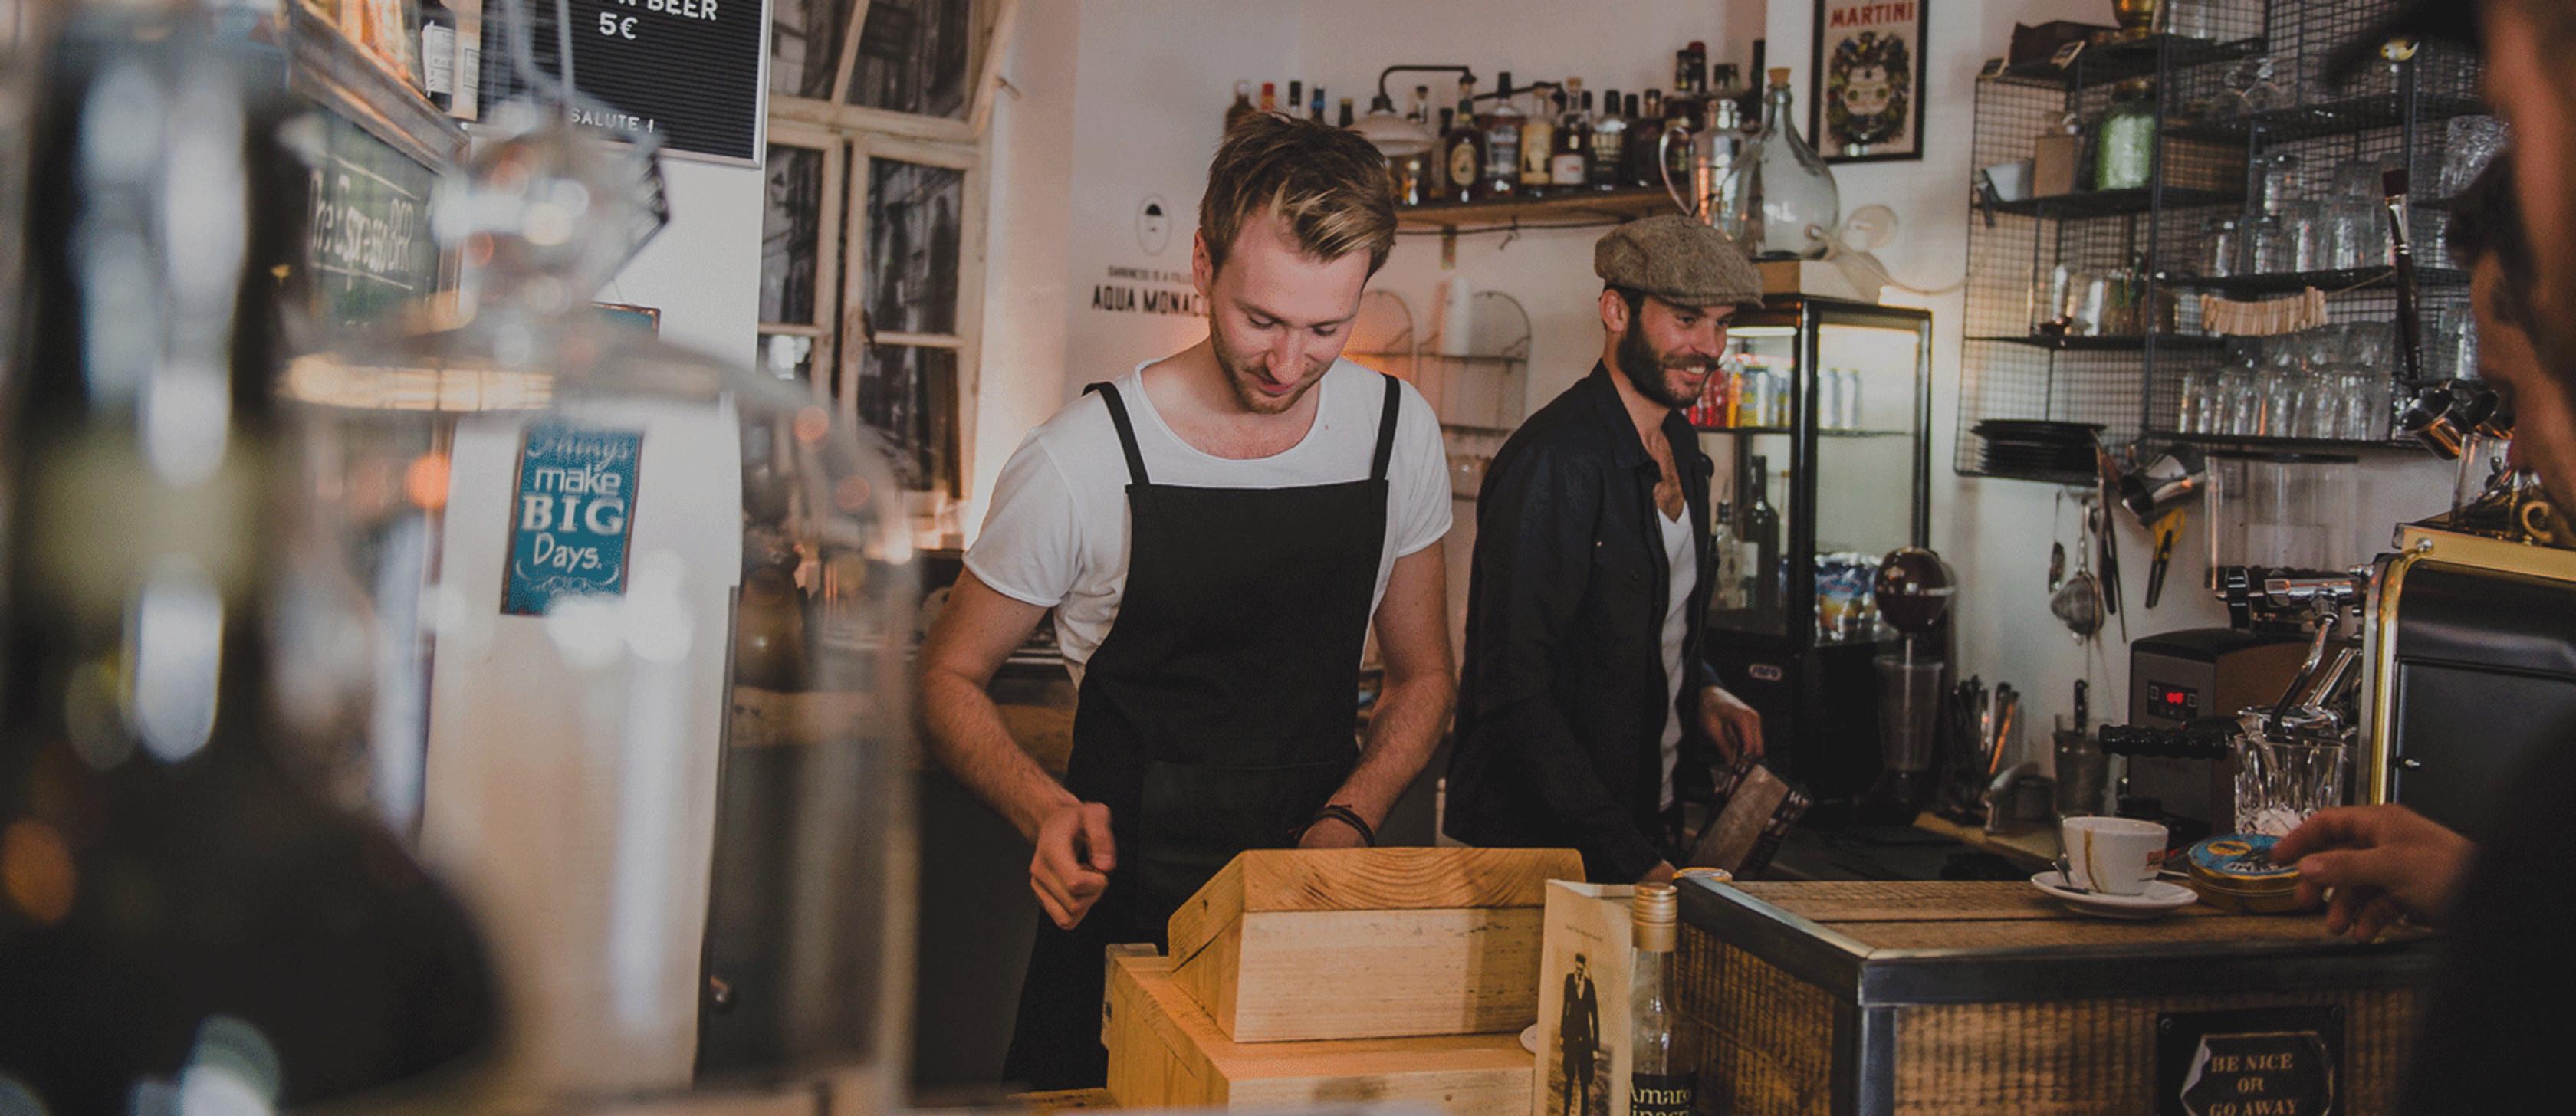 die Gründer der Espresso Bar bei der Arbeit